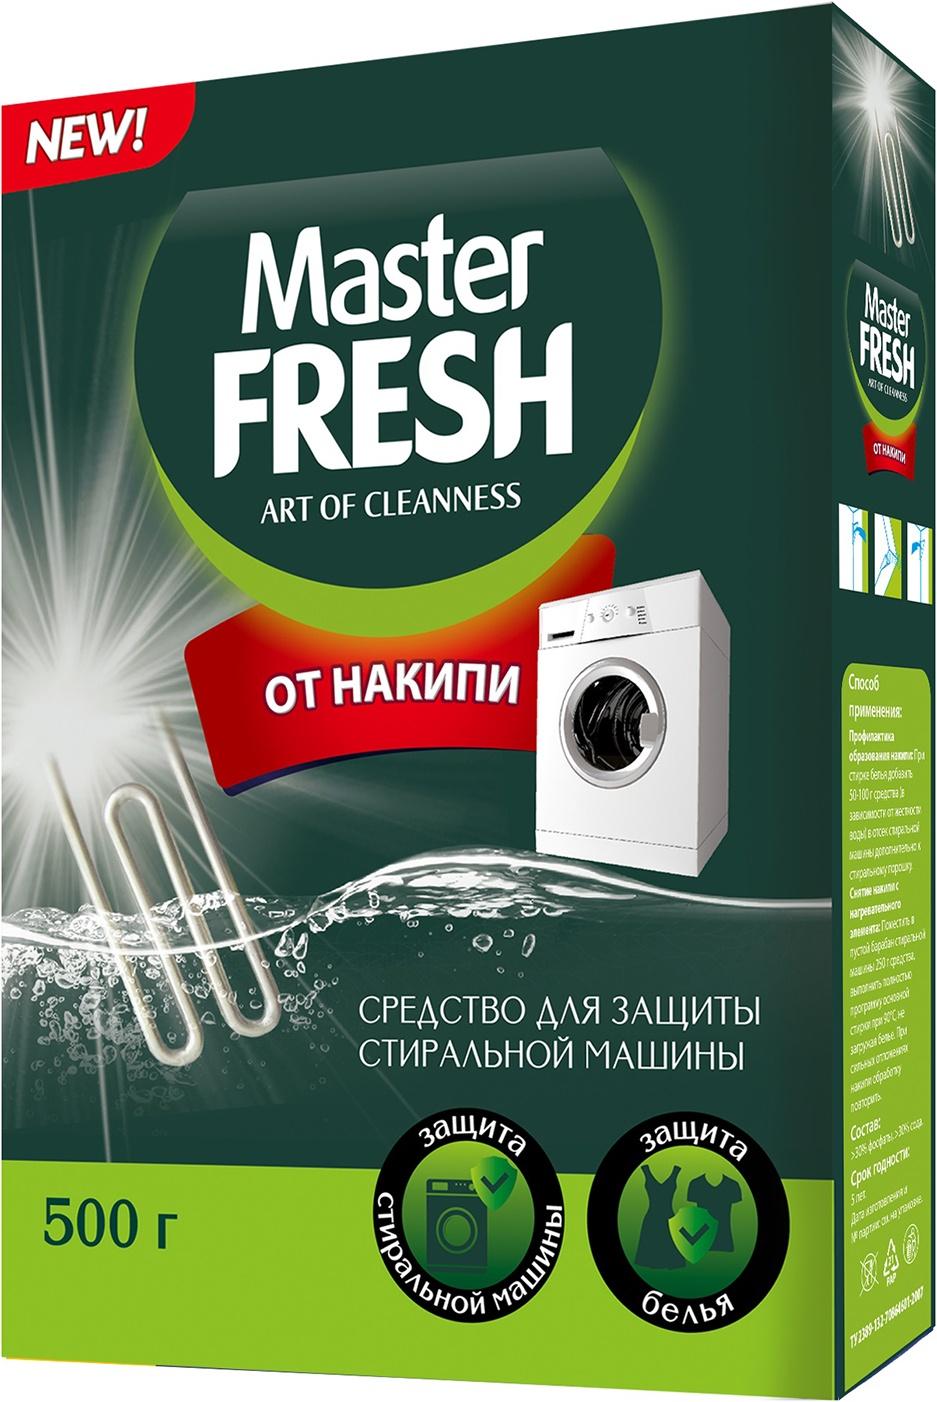 Средство для смягчения воды Master FRESH от накипи, 500 гр